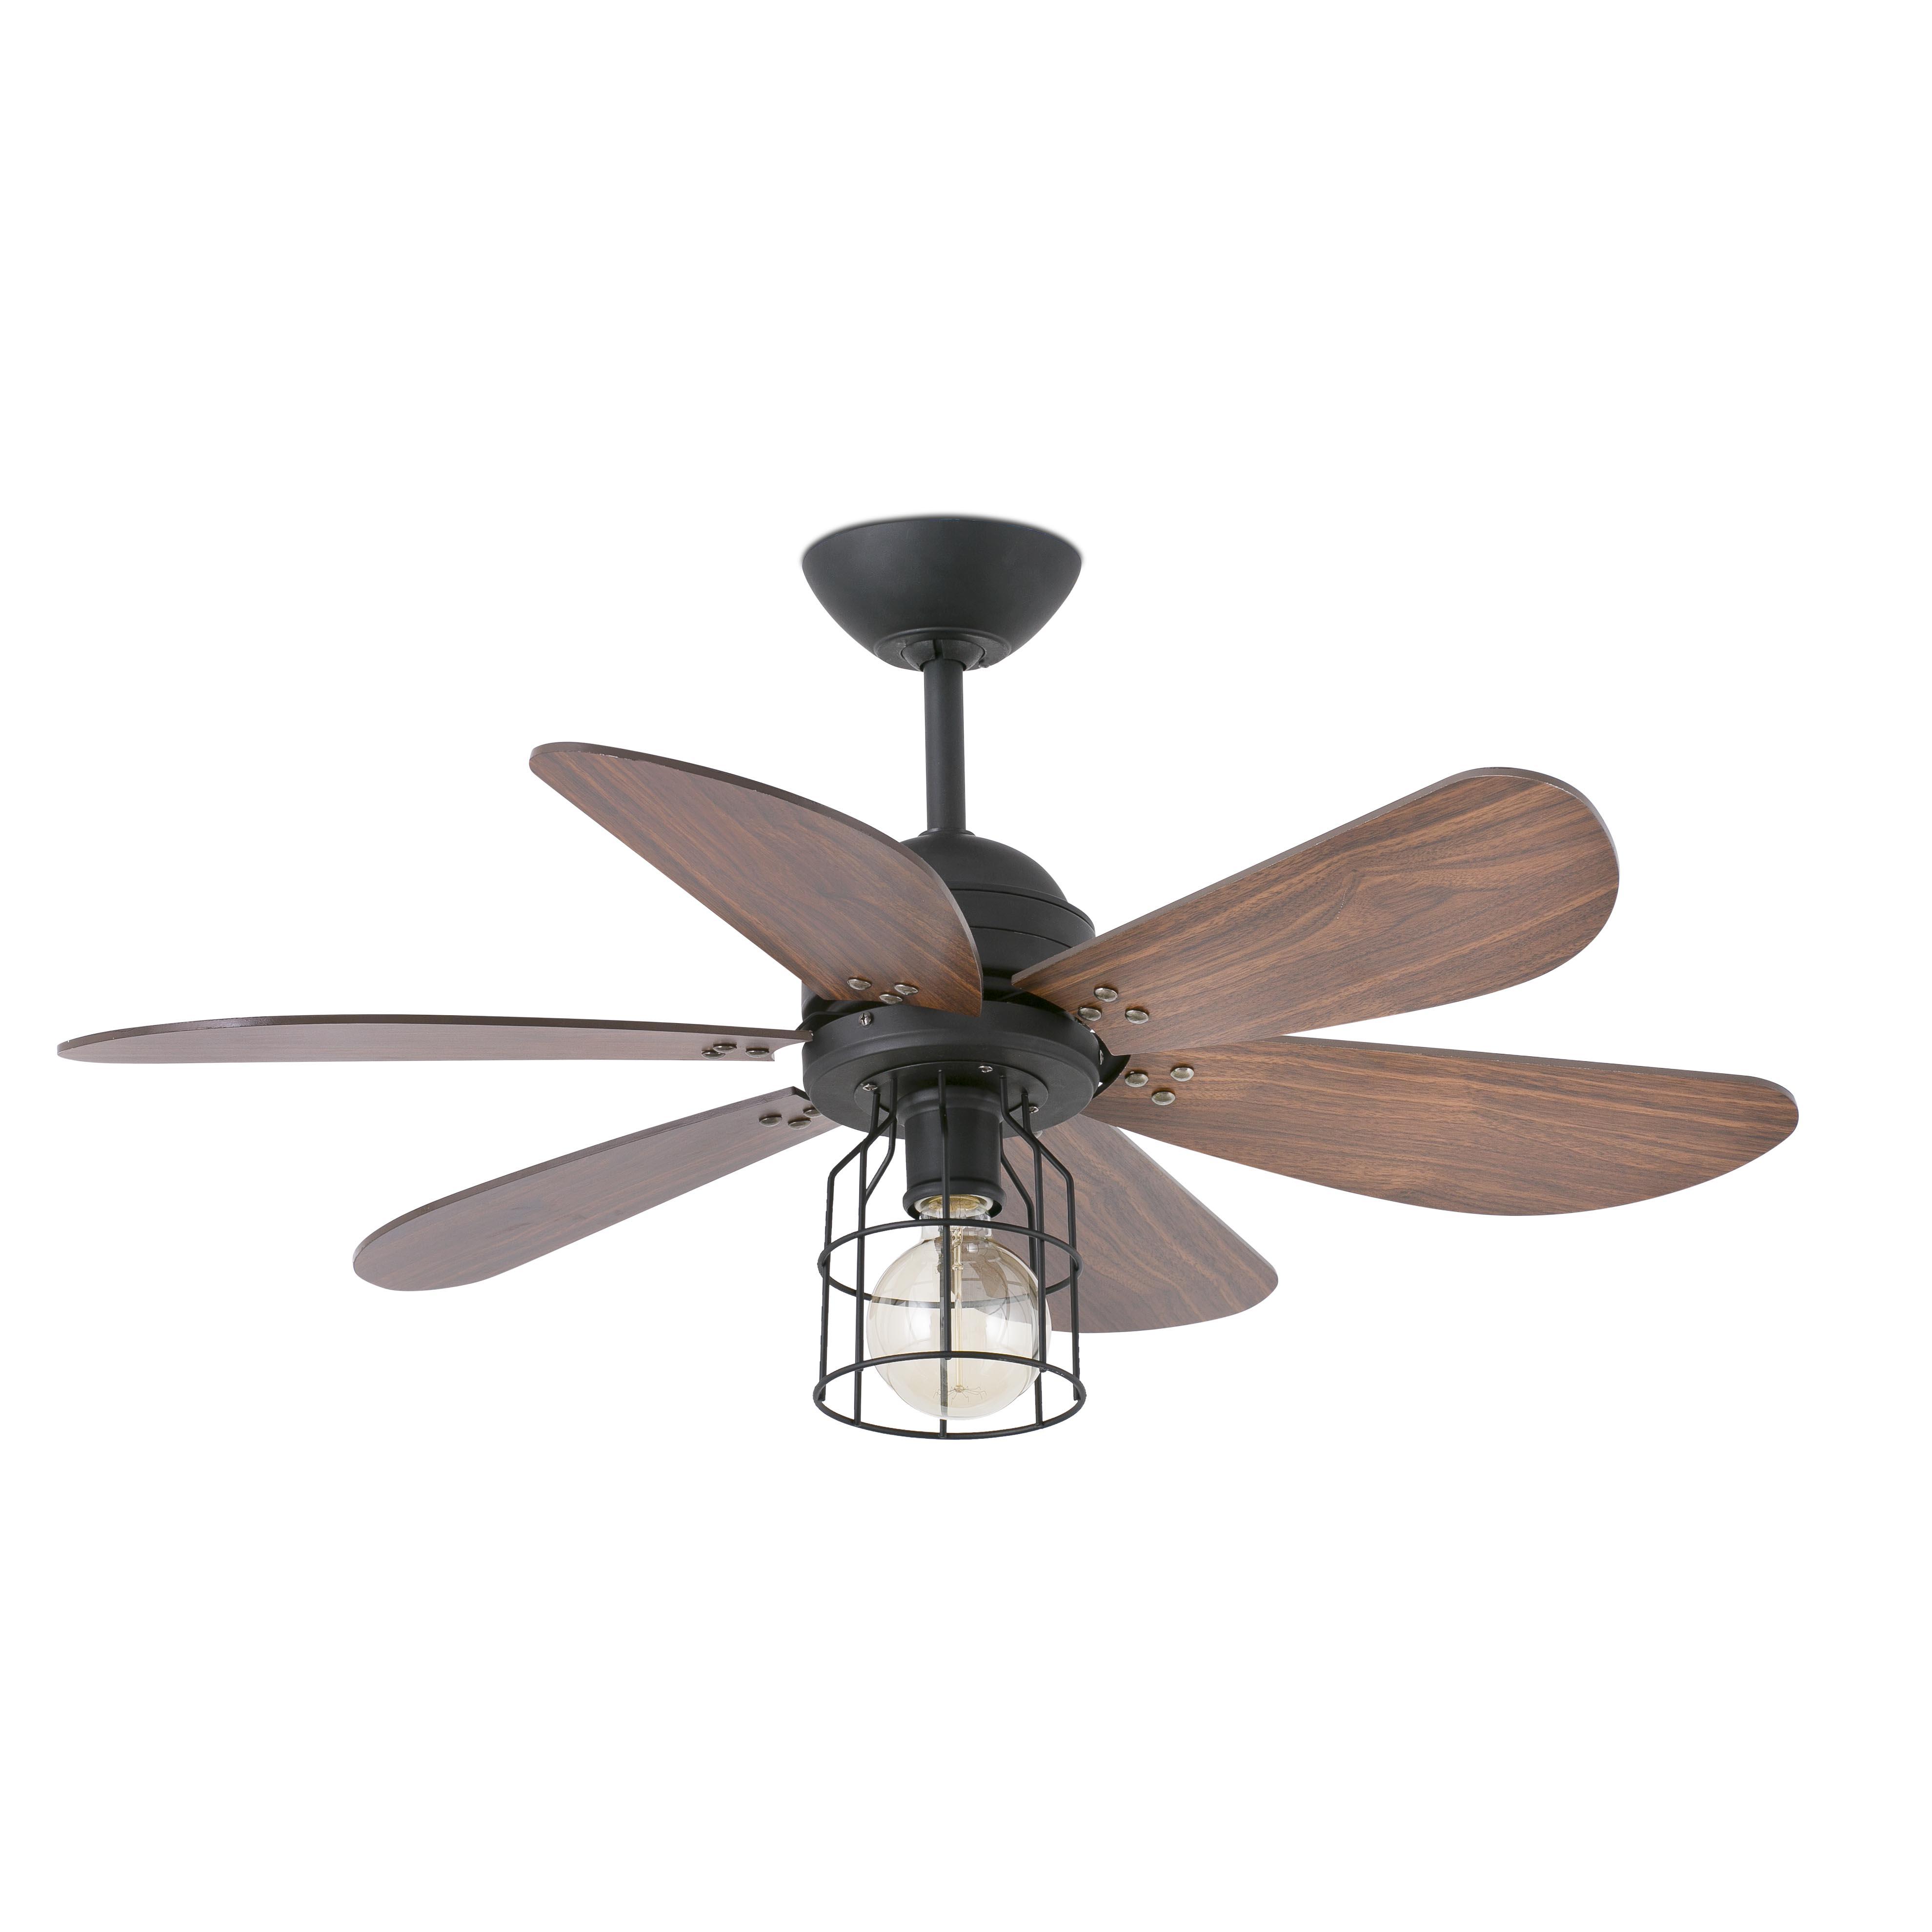 faro ventilateur de plafond chicago noir 91 5 cm. Black Bedroom Furniture Sets. Home Design Ideas